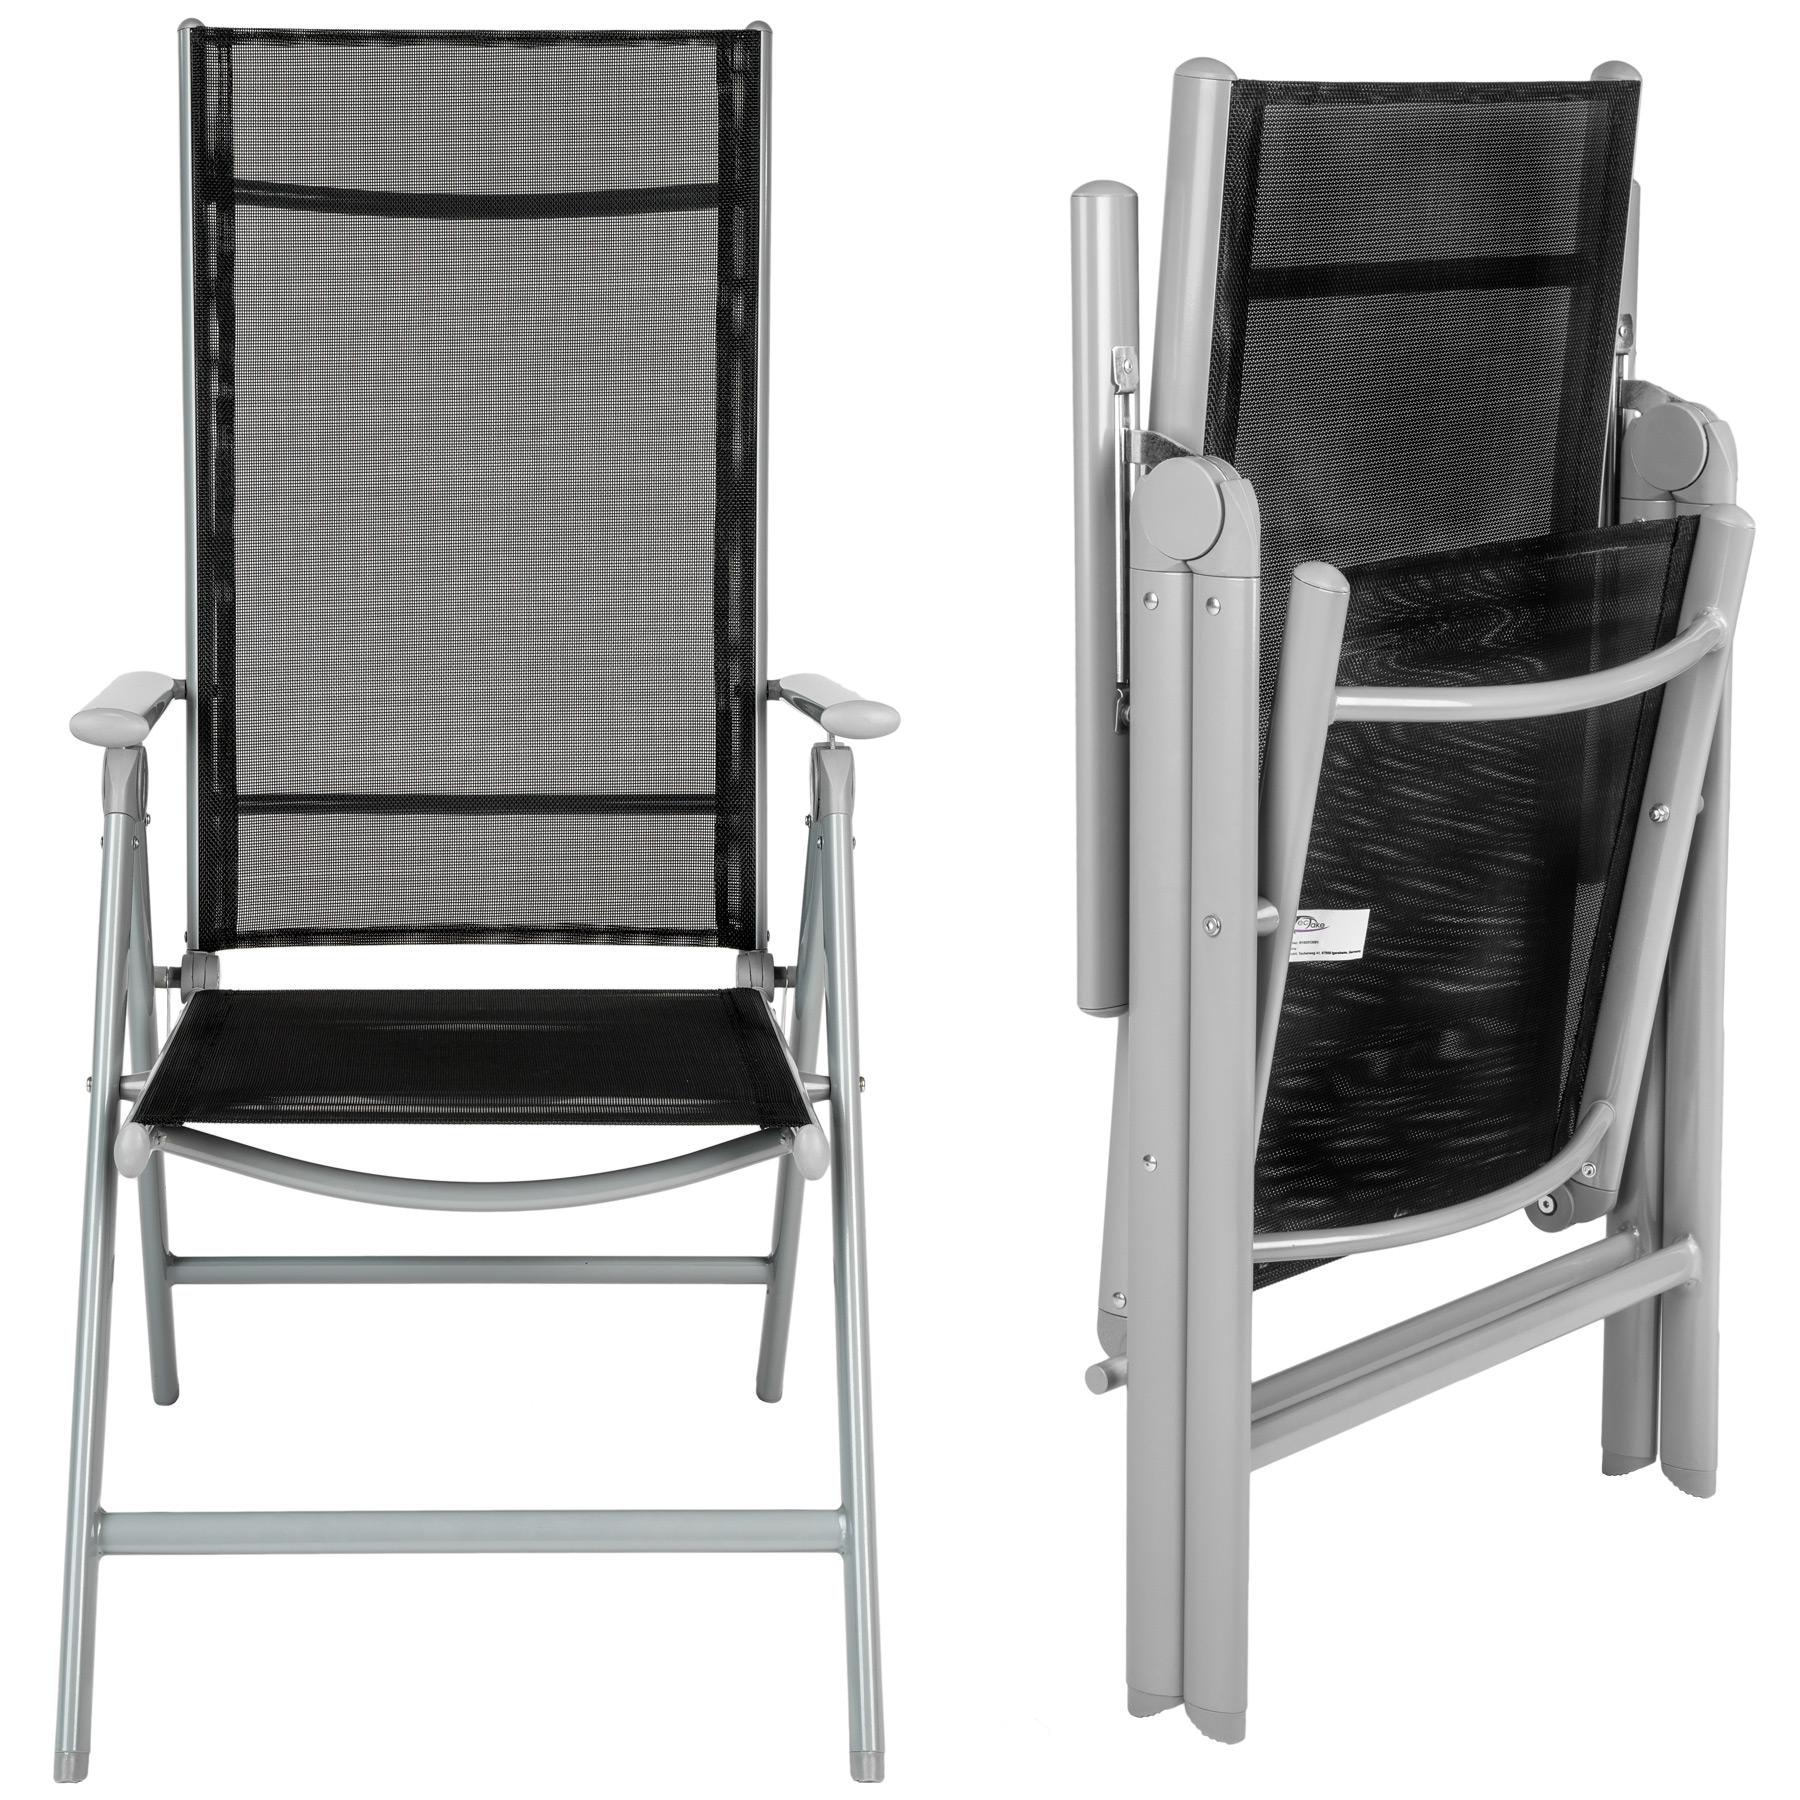 Alluminio set mobili da giardino 4 1 tavolo sedie pieghevole arredo esterno ebay - Ebay mobili da giardino ...